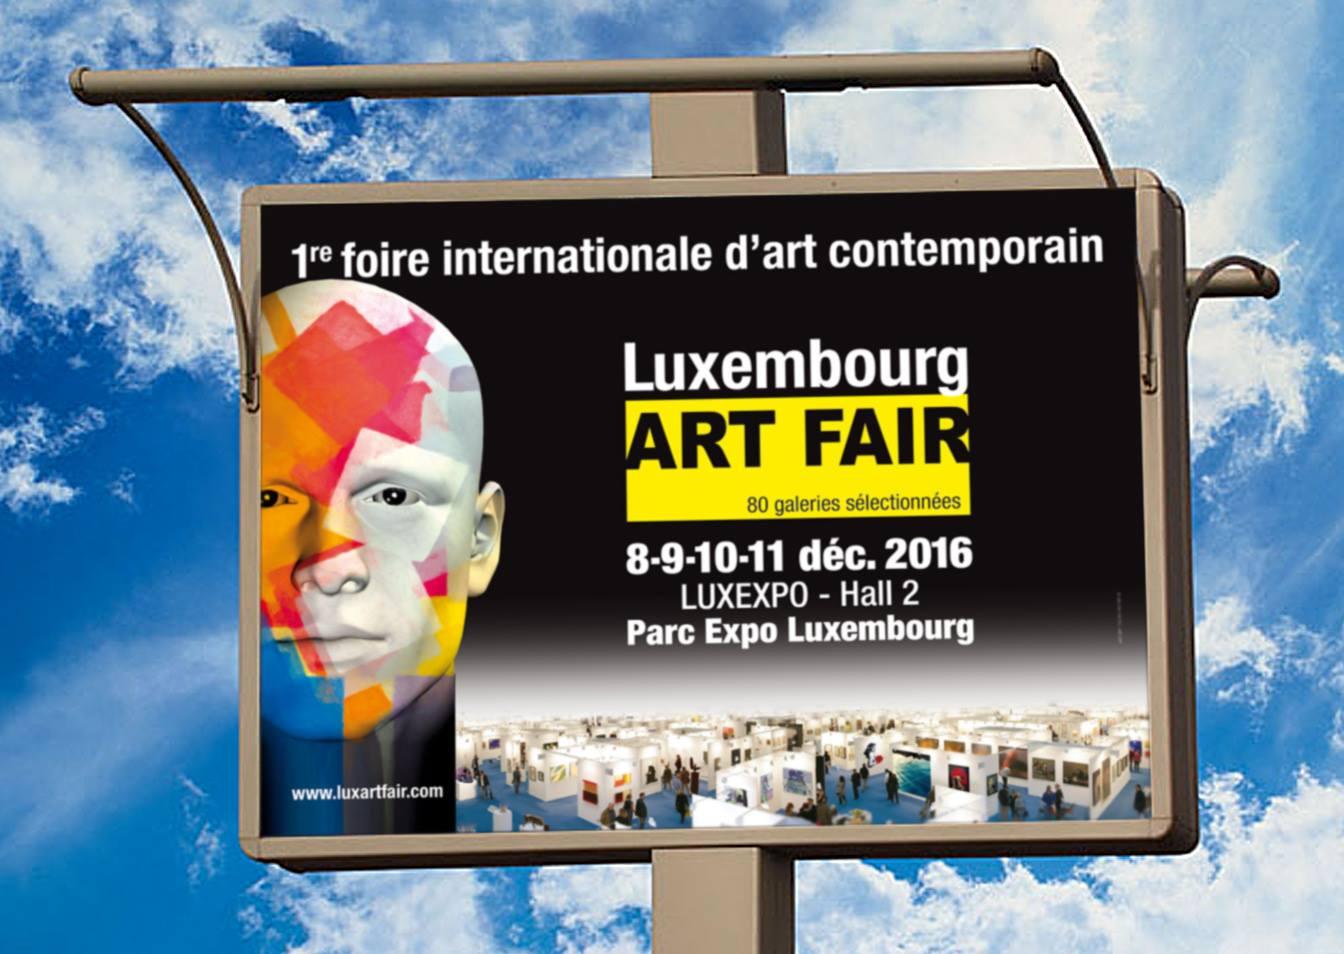 premiére foire internationale d art contemporain a luxembourg